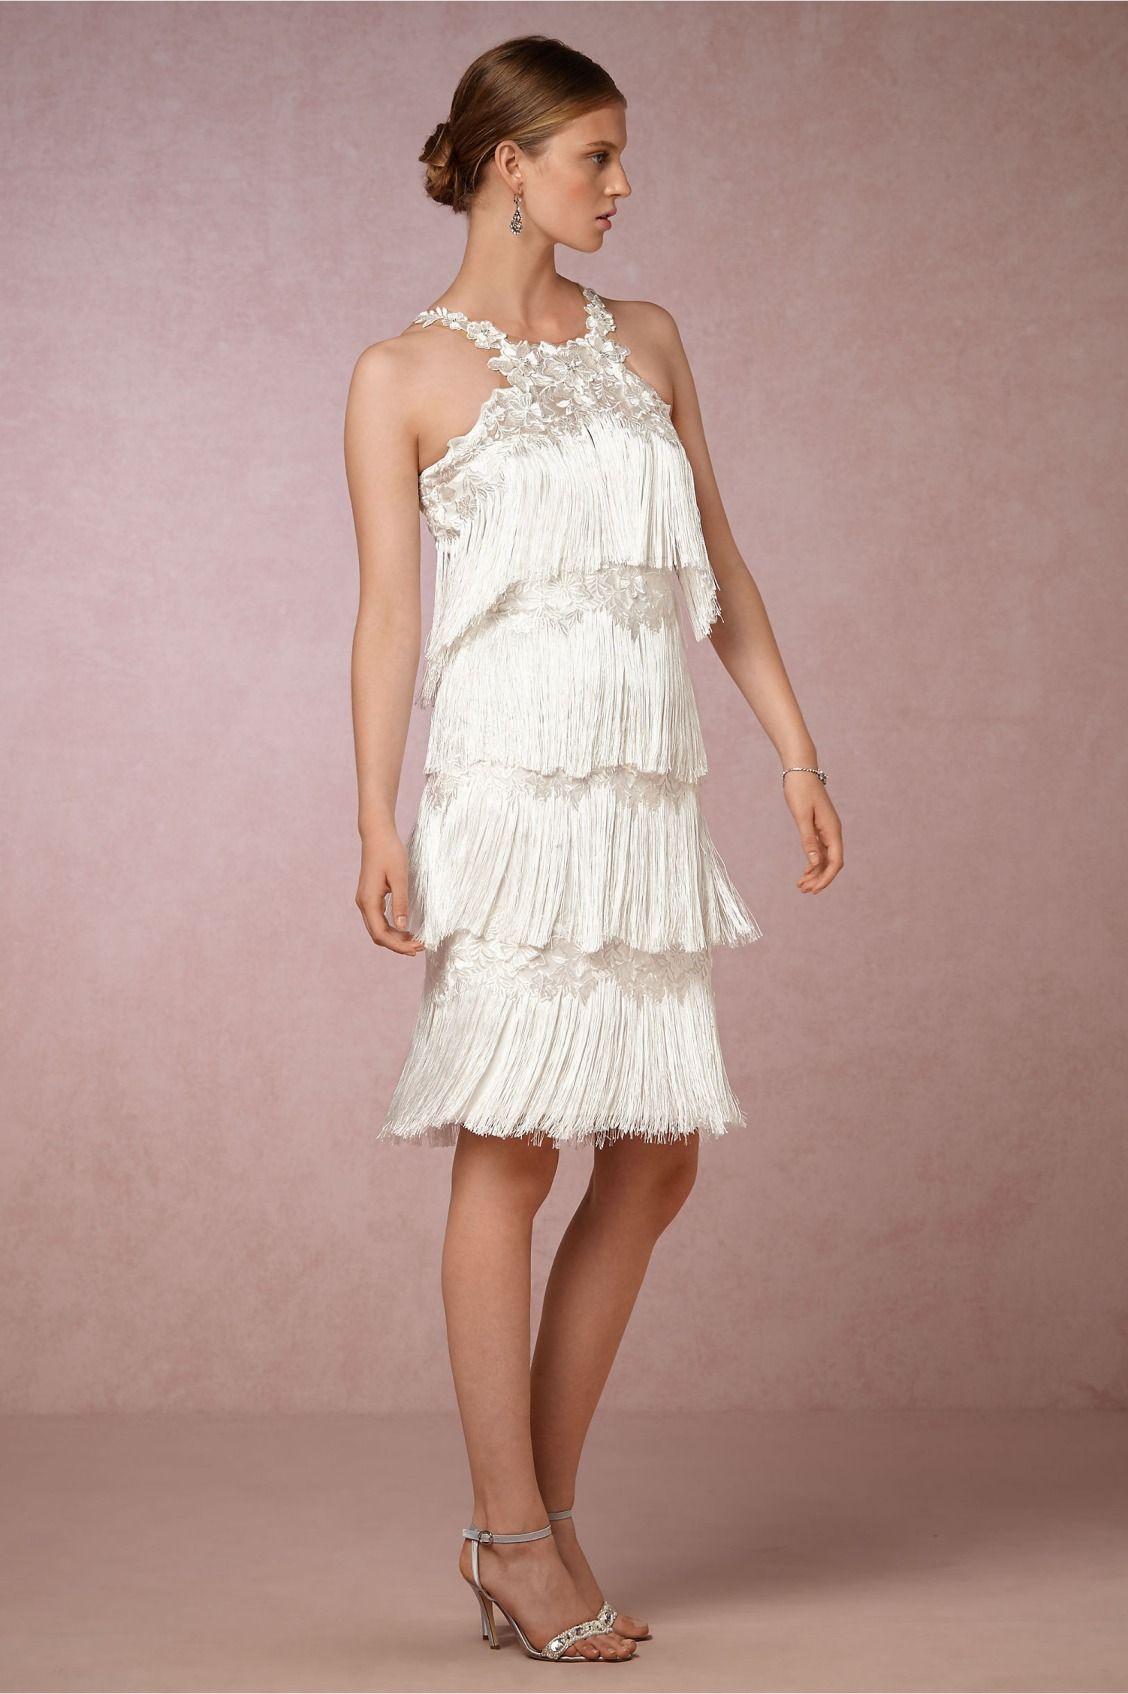 Fringe For The Modern Bride Saxa Dress From Bhldn New Wedding Dresses Wedding Guest Dress Rehearsal Dinner Dresses [ 1694 x 1128 Pixel ]